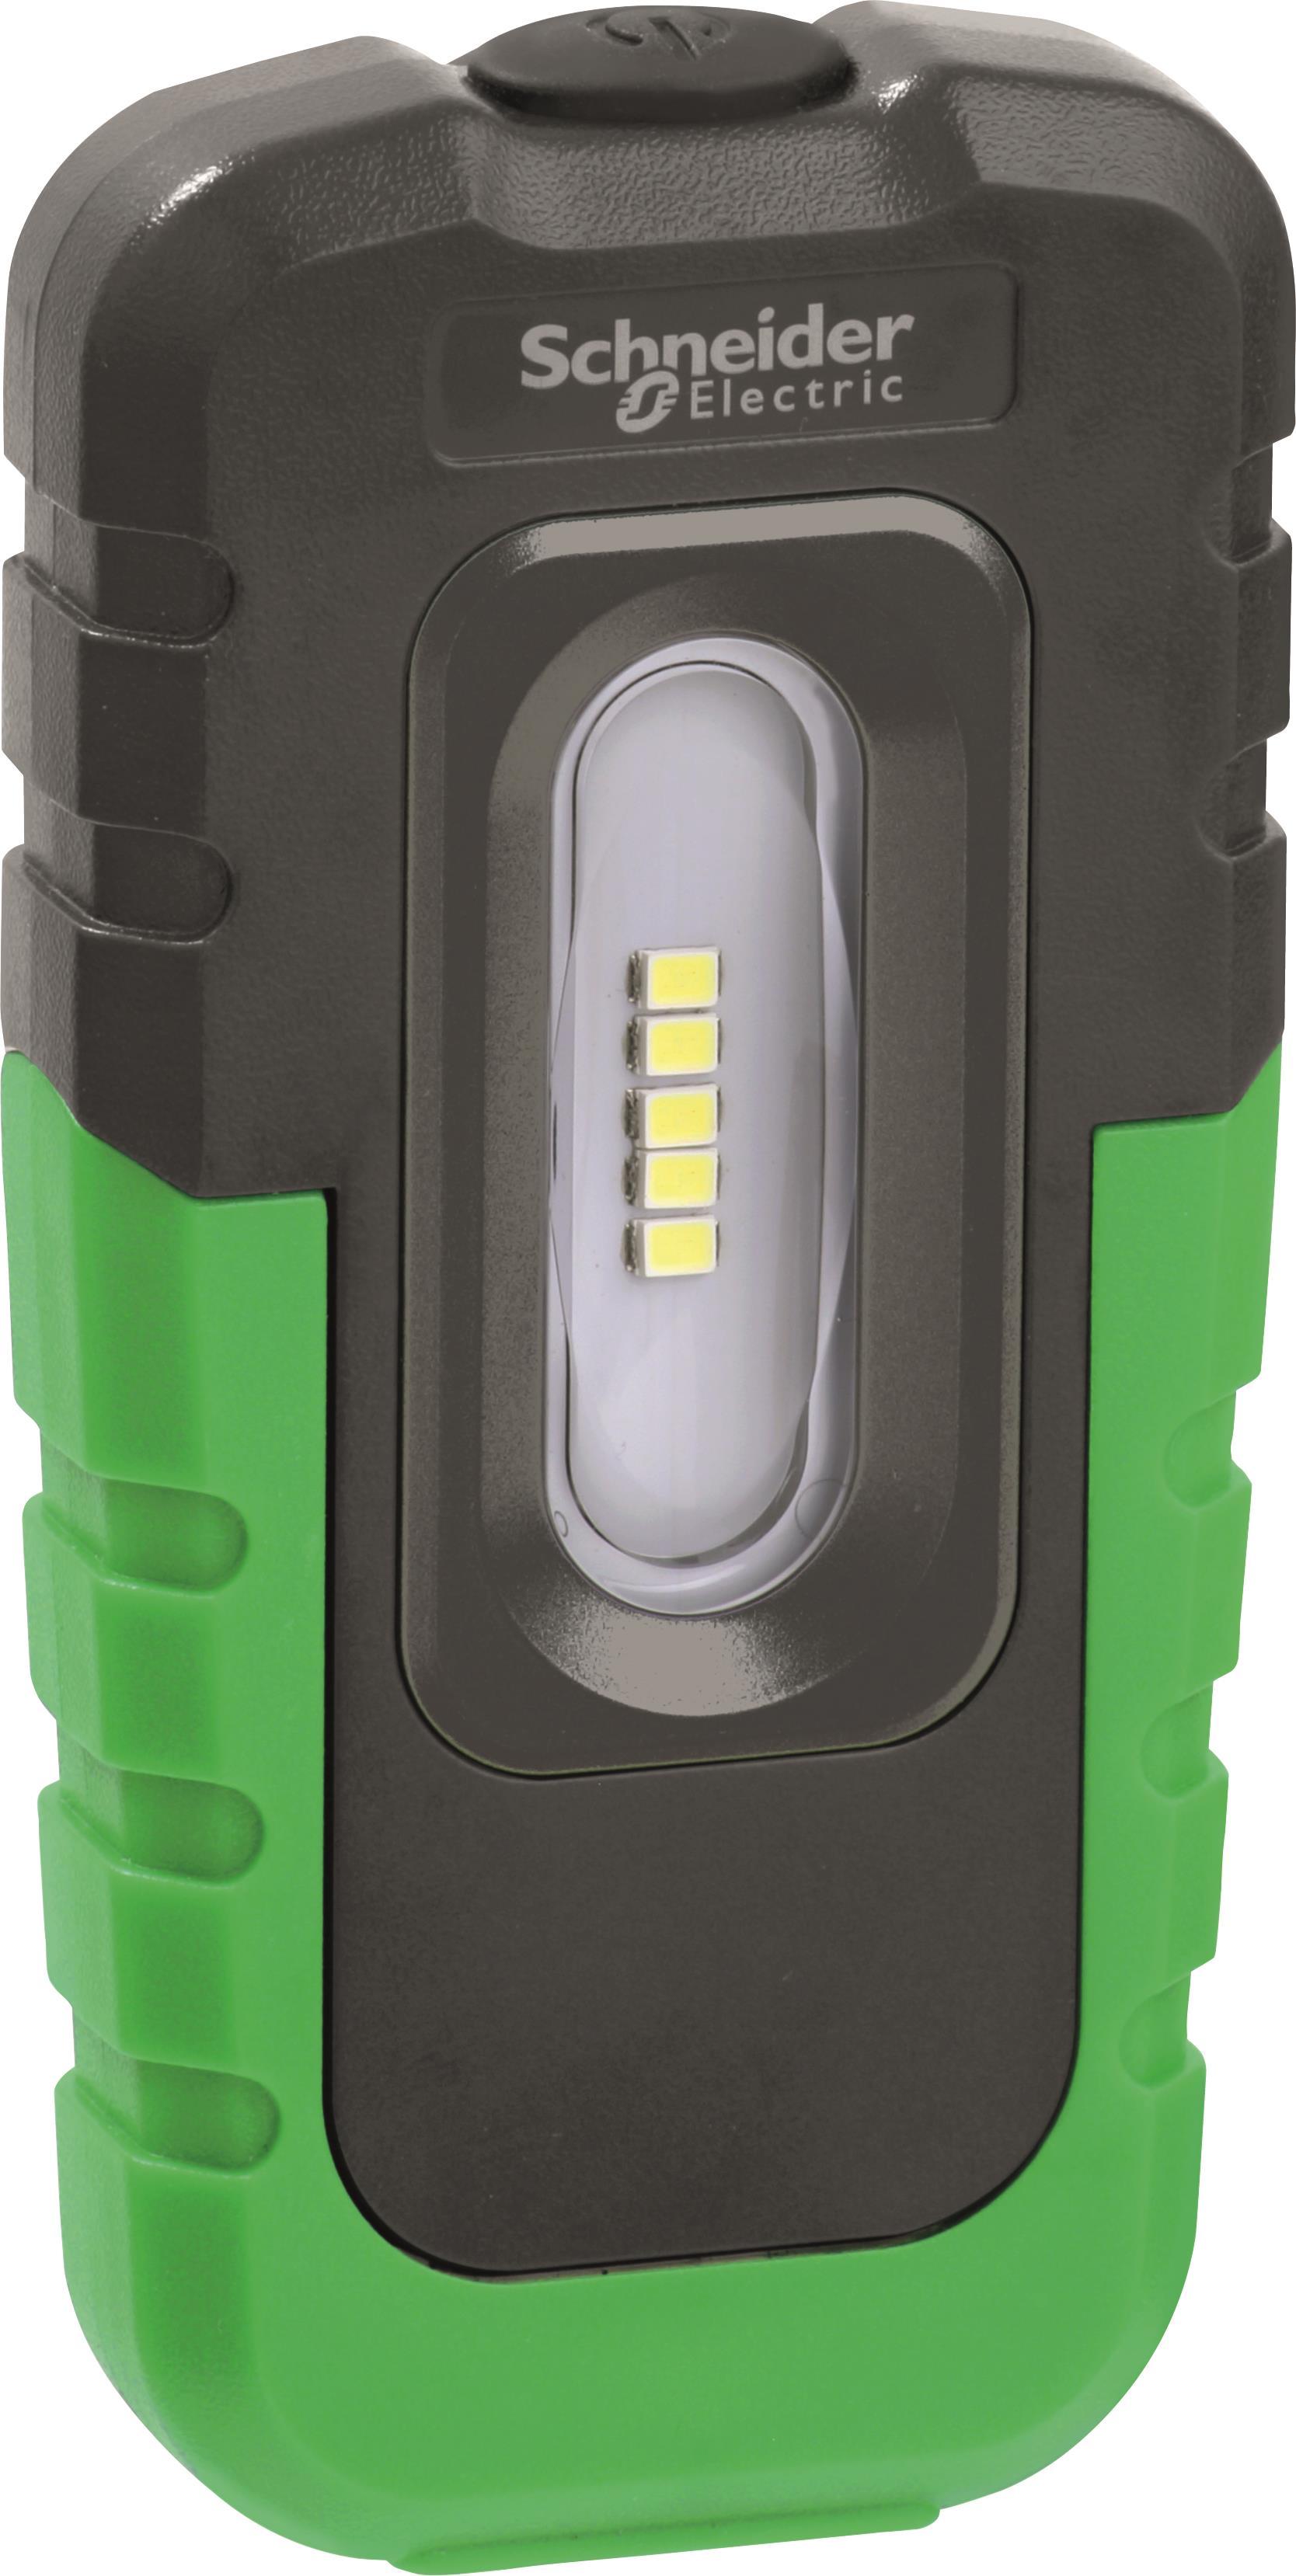 Schneider IMT47238 Universallampa 3 W, 280 lm